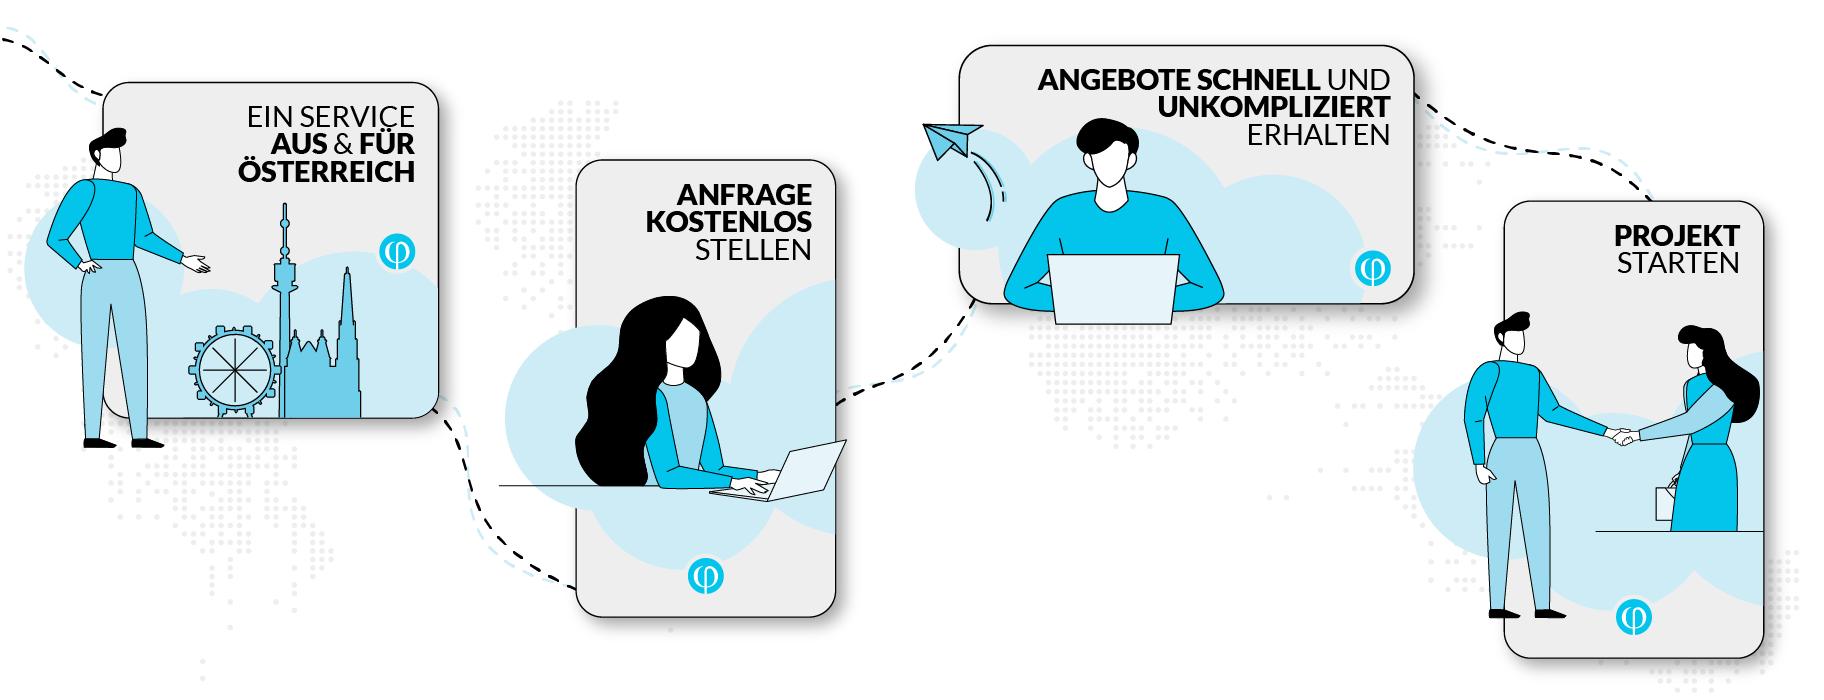 Auftraggeber - so funktioniert phinden